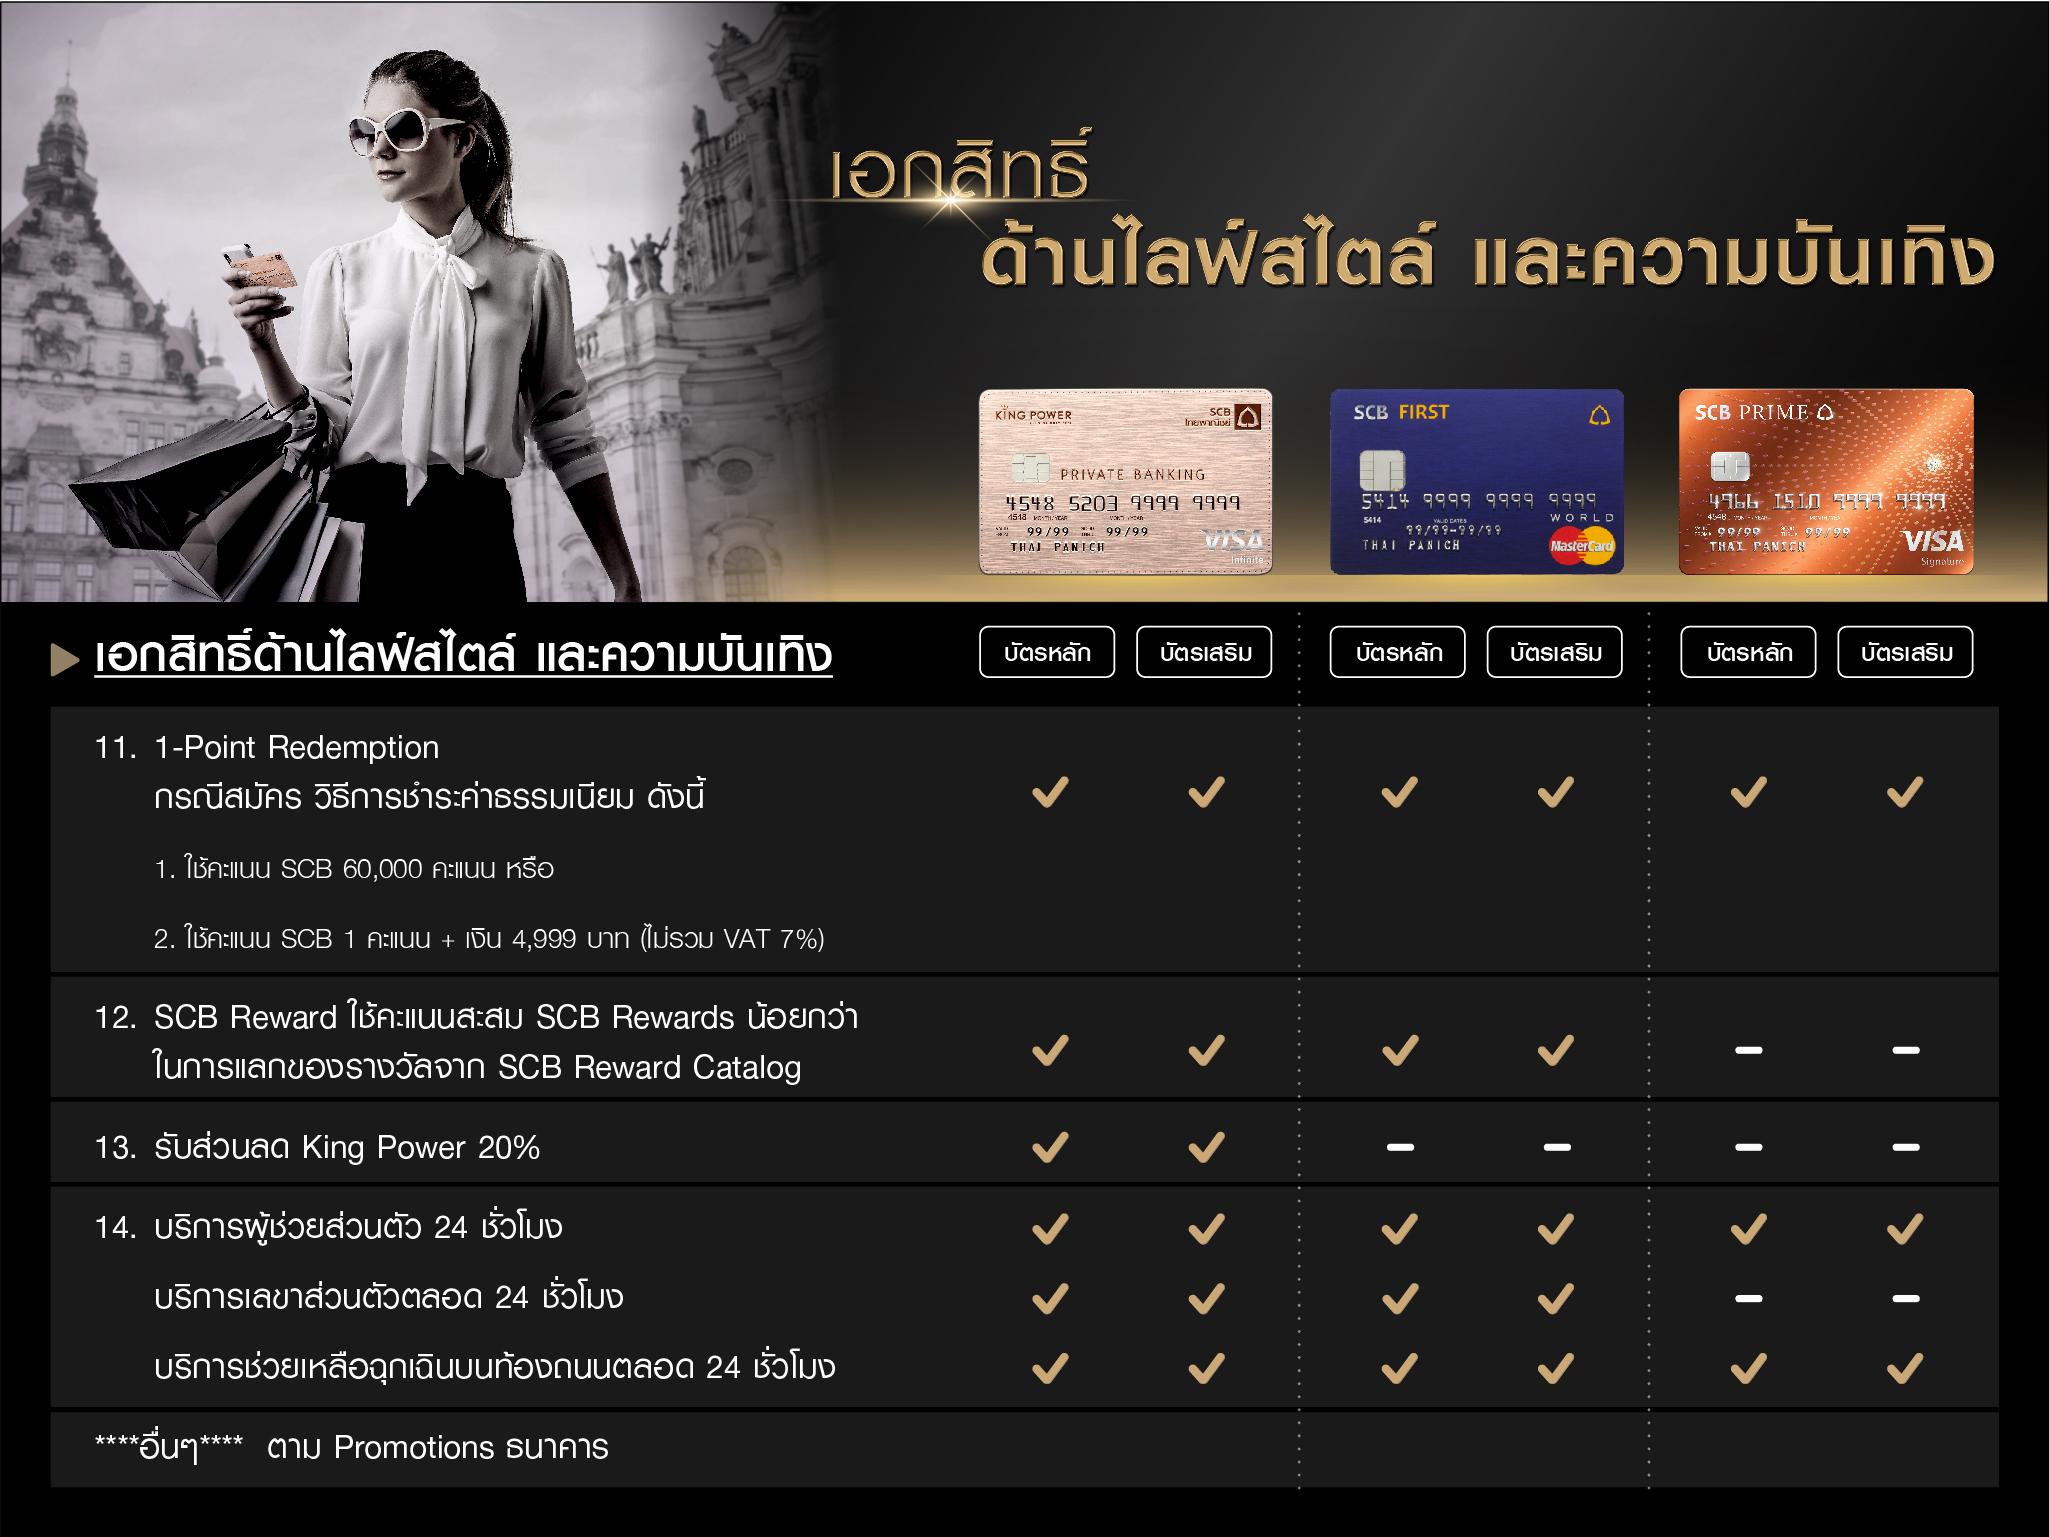 SCB_Wealth Comparison_iPad Air 2_G8-10